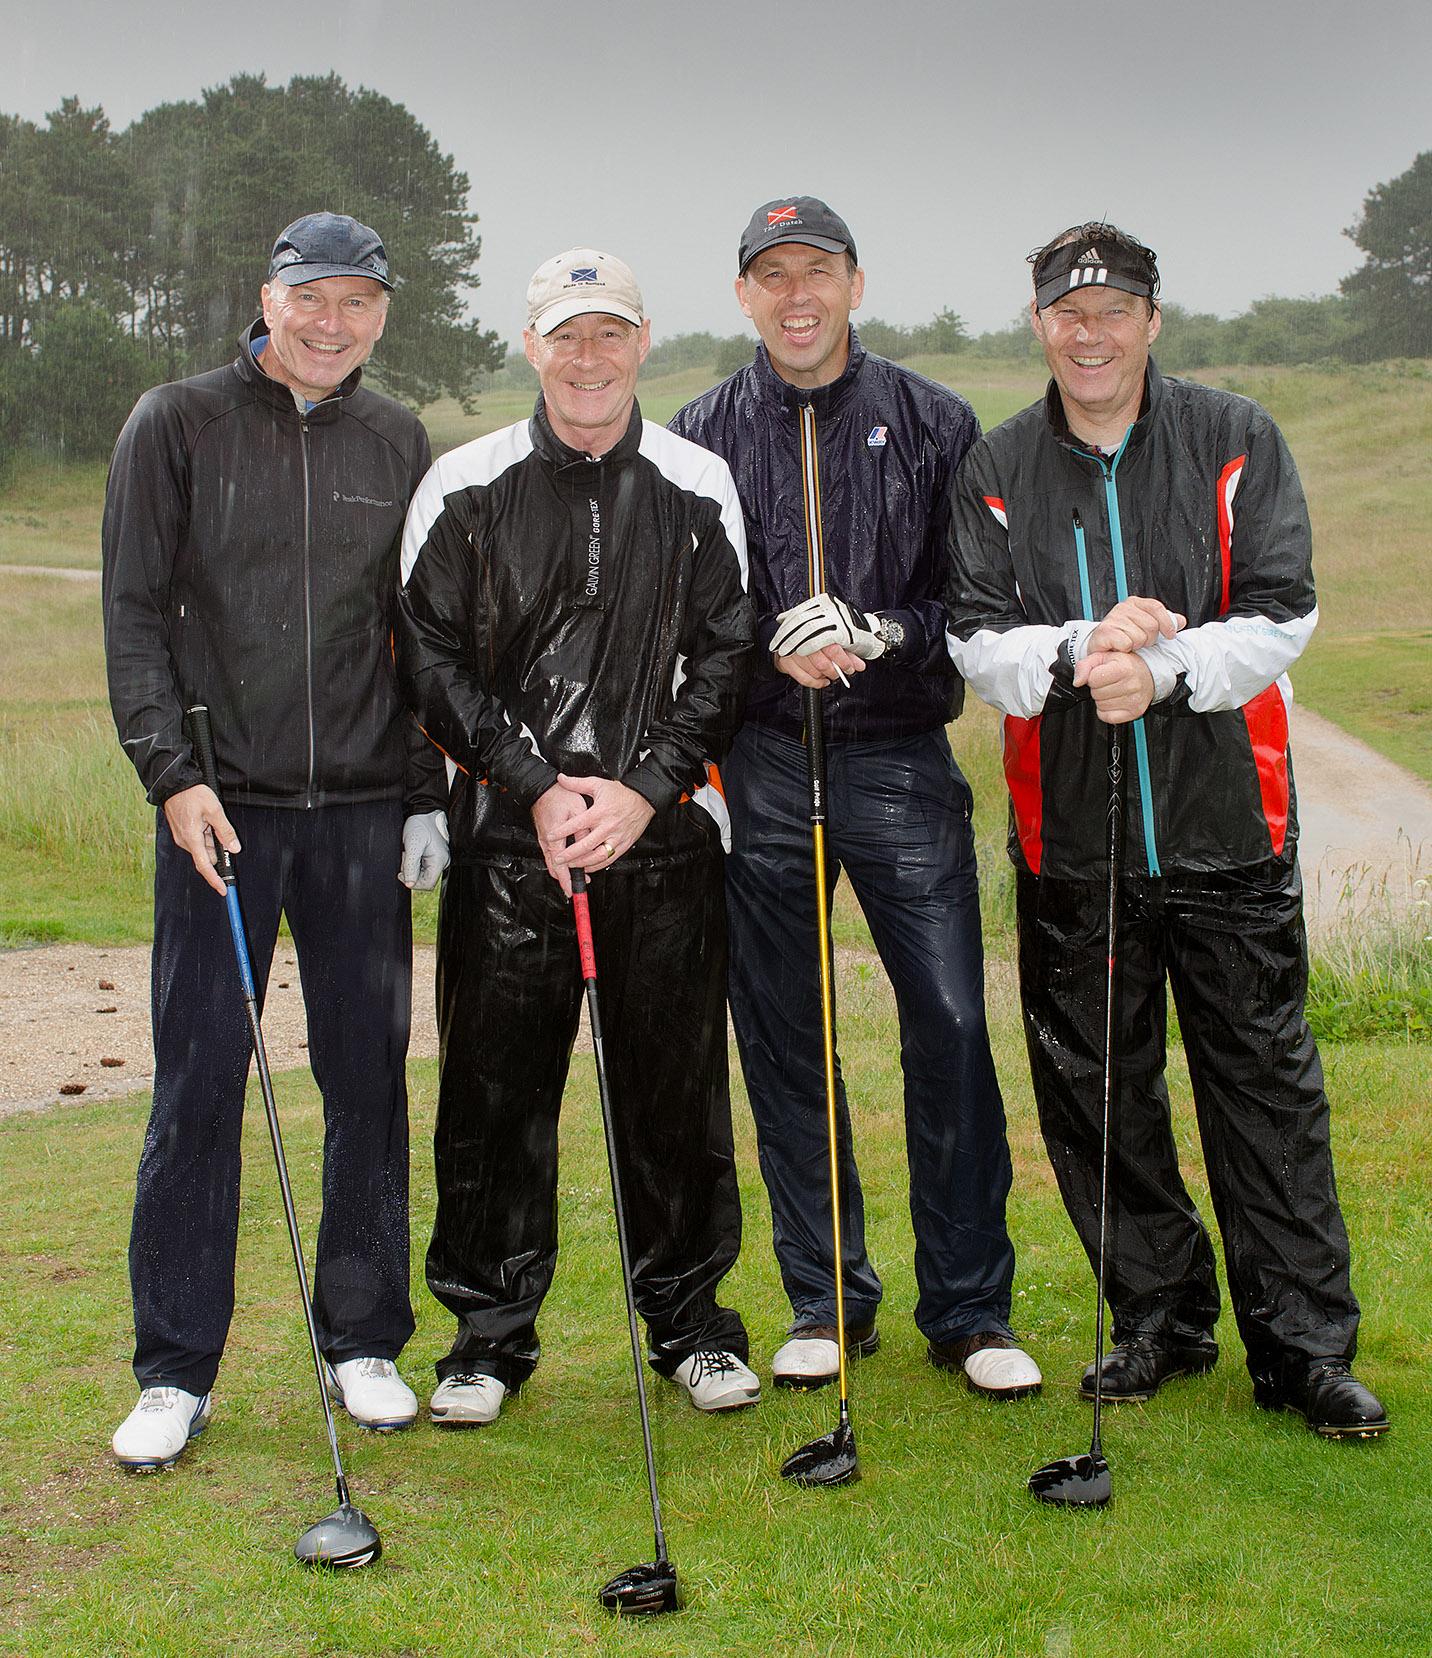 foto van vier mannen op de golfbaan in de regen lachend